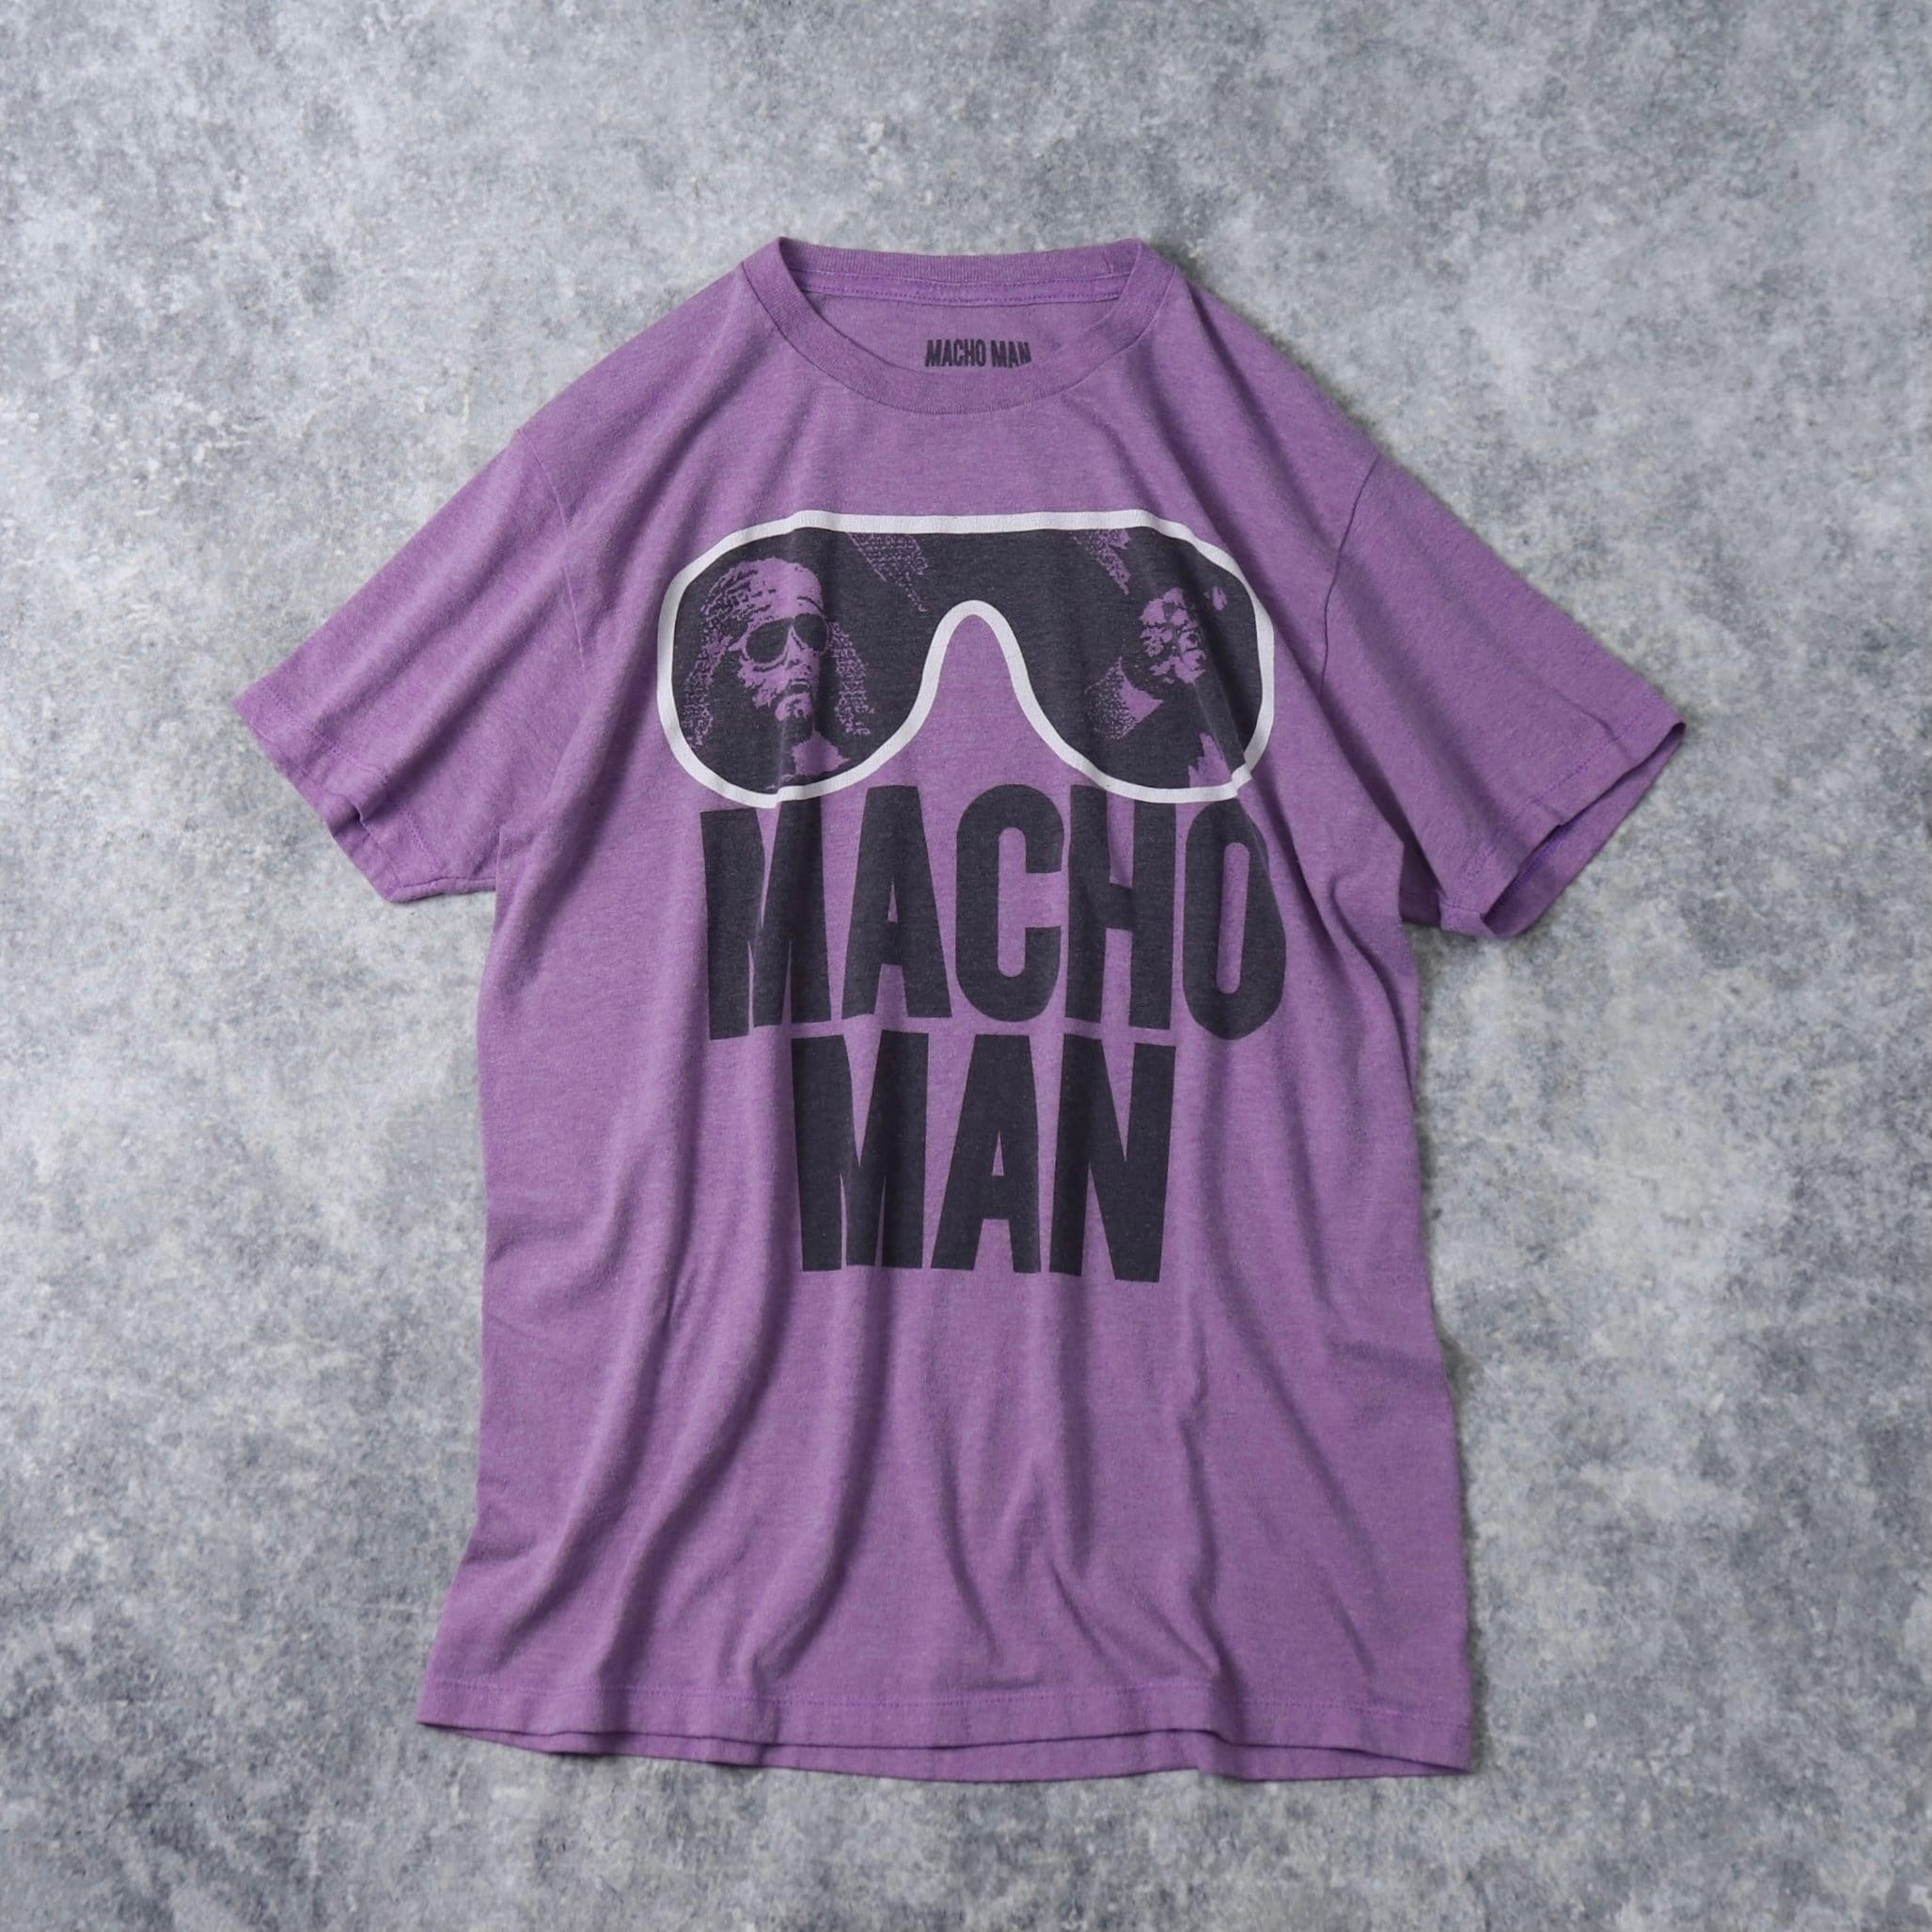 """"""" MACHO MAN """"   S/S   TEE   SHIRTS   M A290"""